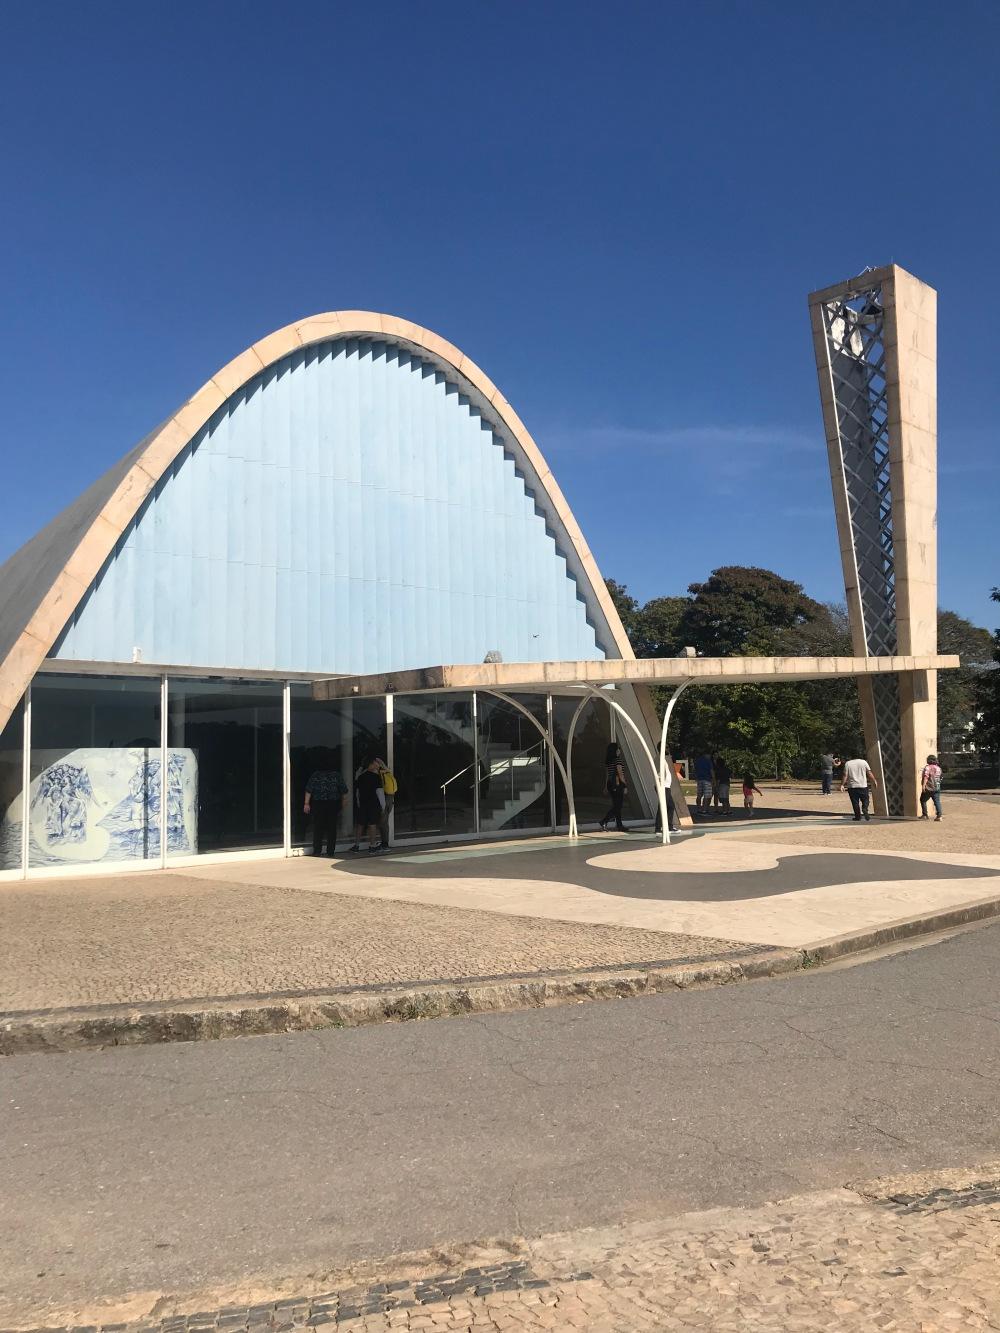 Calçadão da Igreja da Pampulha em Belo Horizonte